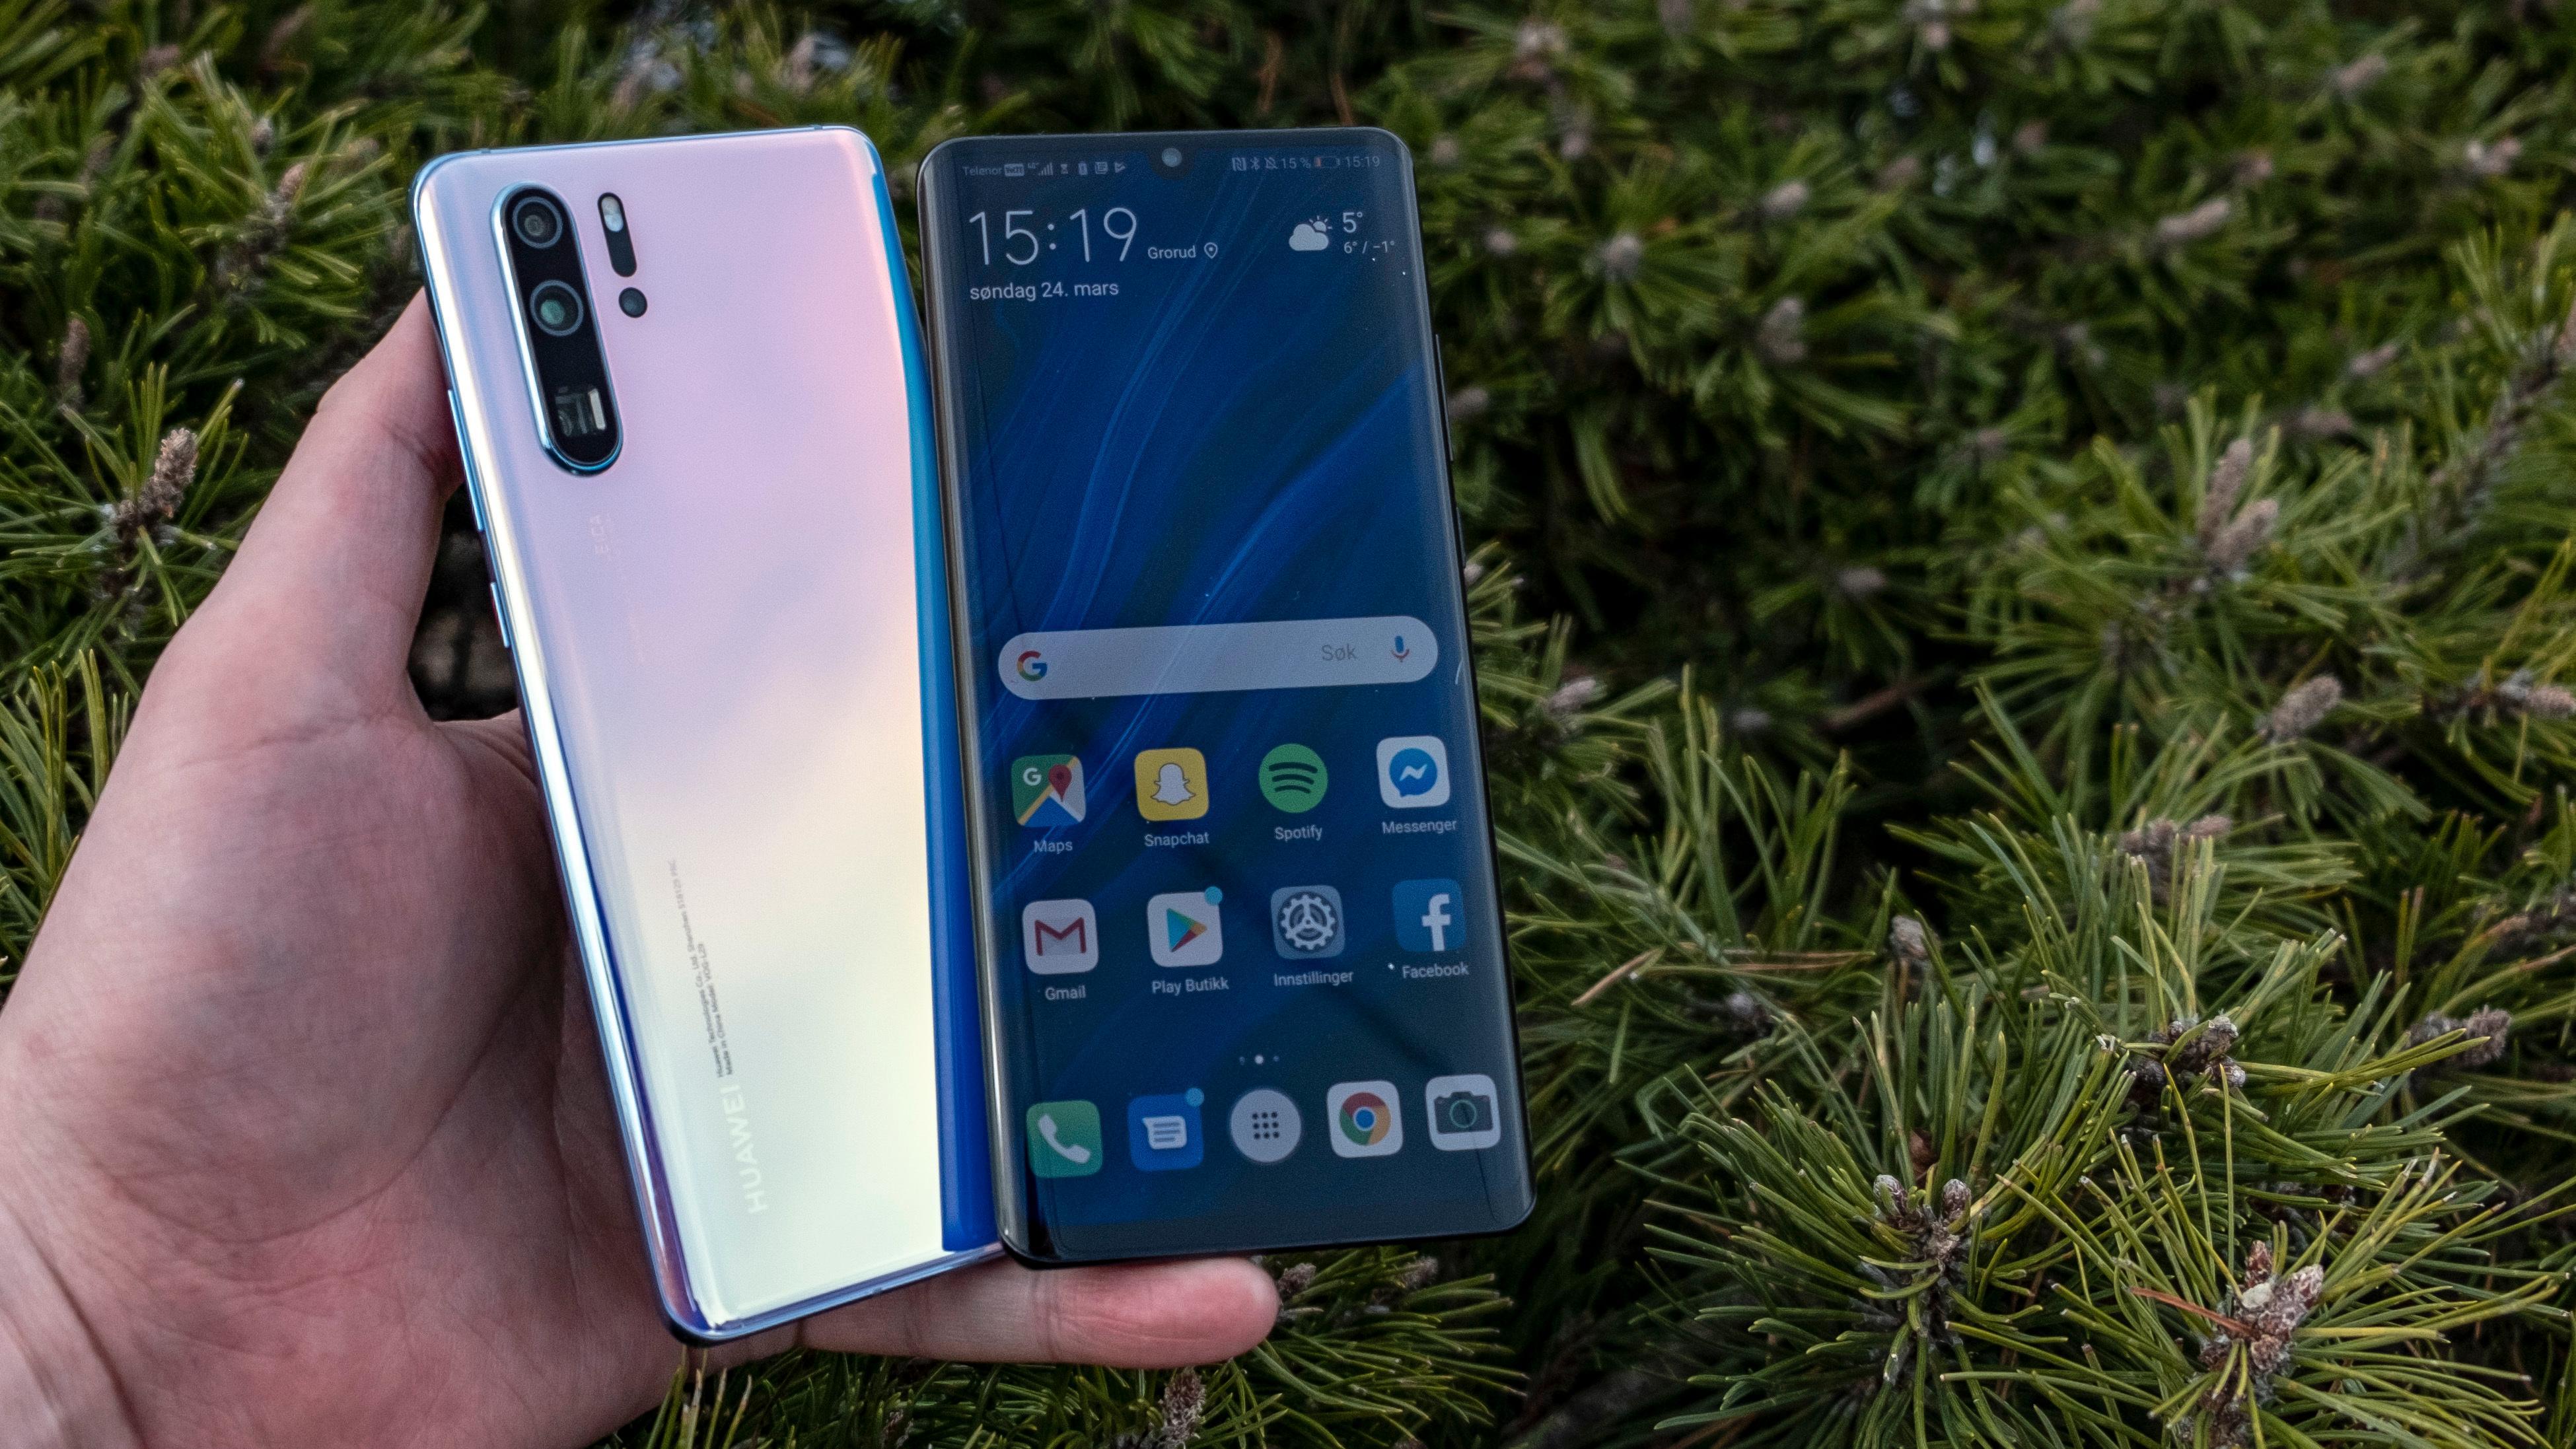 Skjermen i P30 Pro er litt større enn den var i P20 Pro, men størrelsen på selve telefonen har ikke økt så mye. Litt spissere kanter gjør at det føles litt mer massiv enn sin forgjenger.